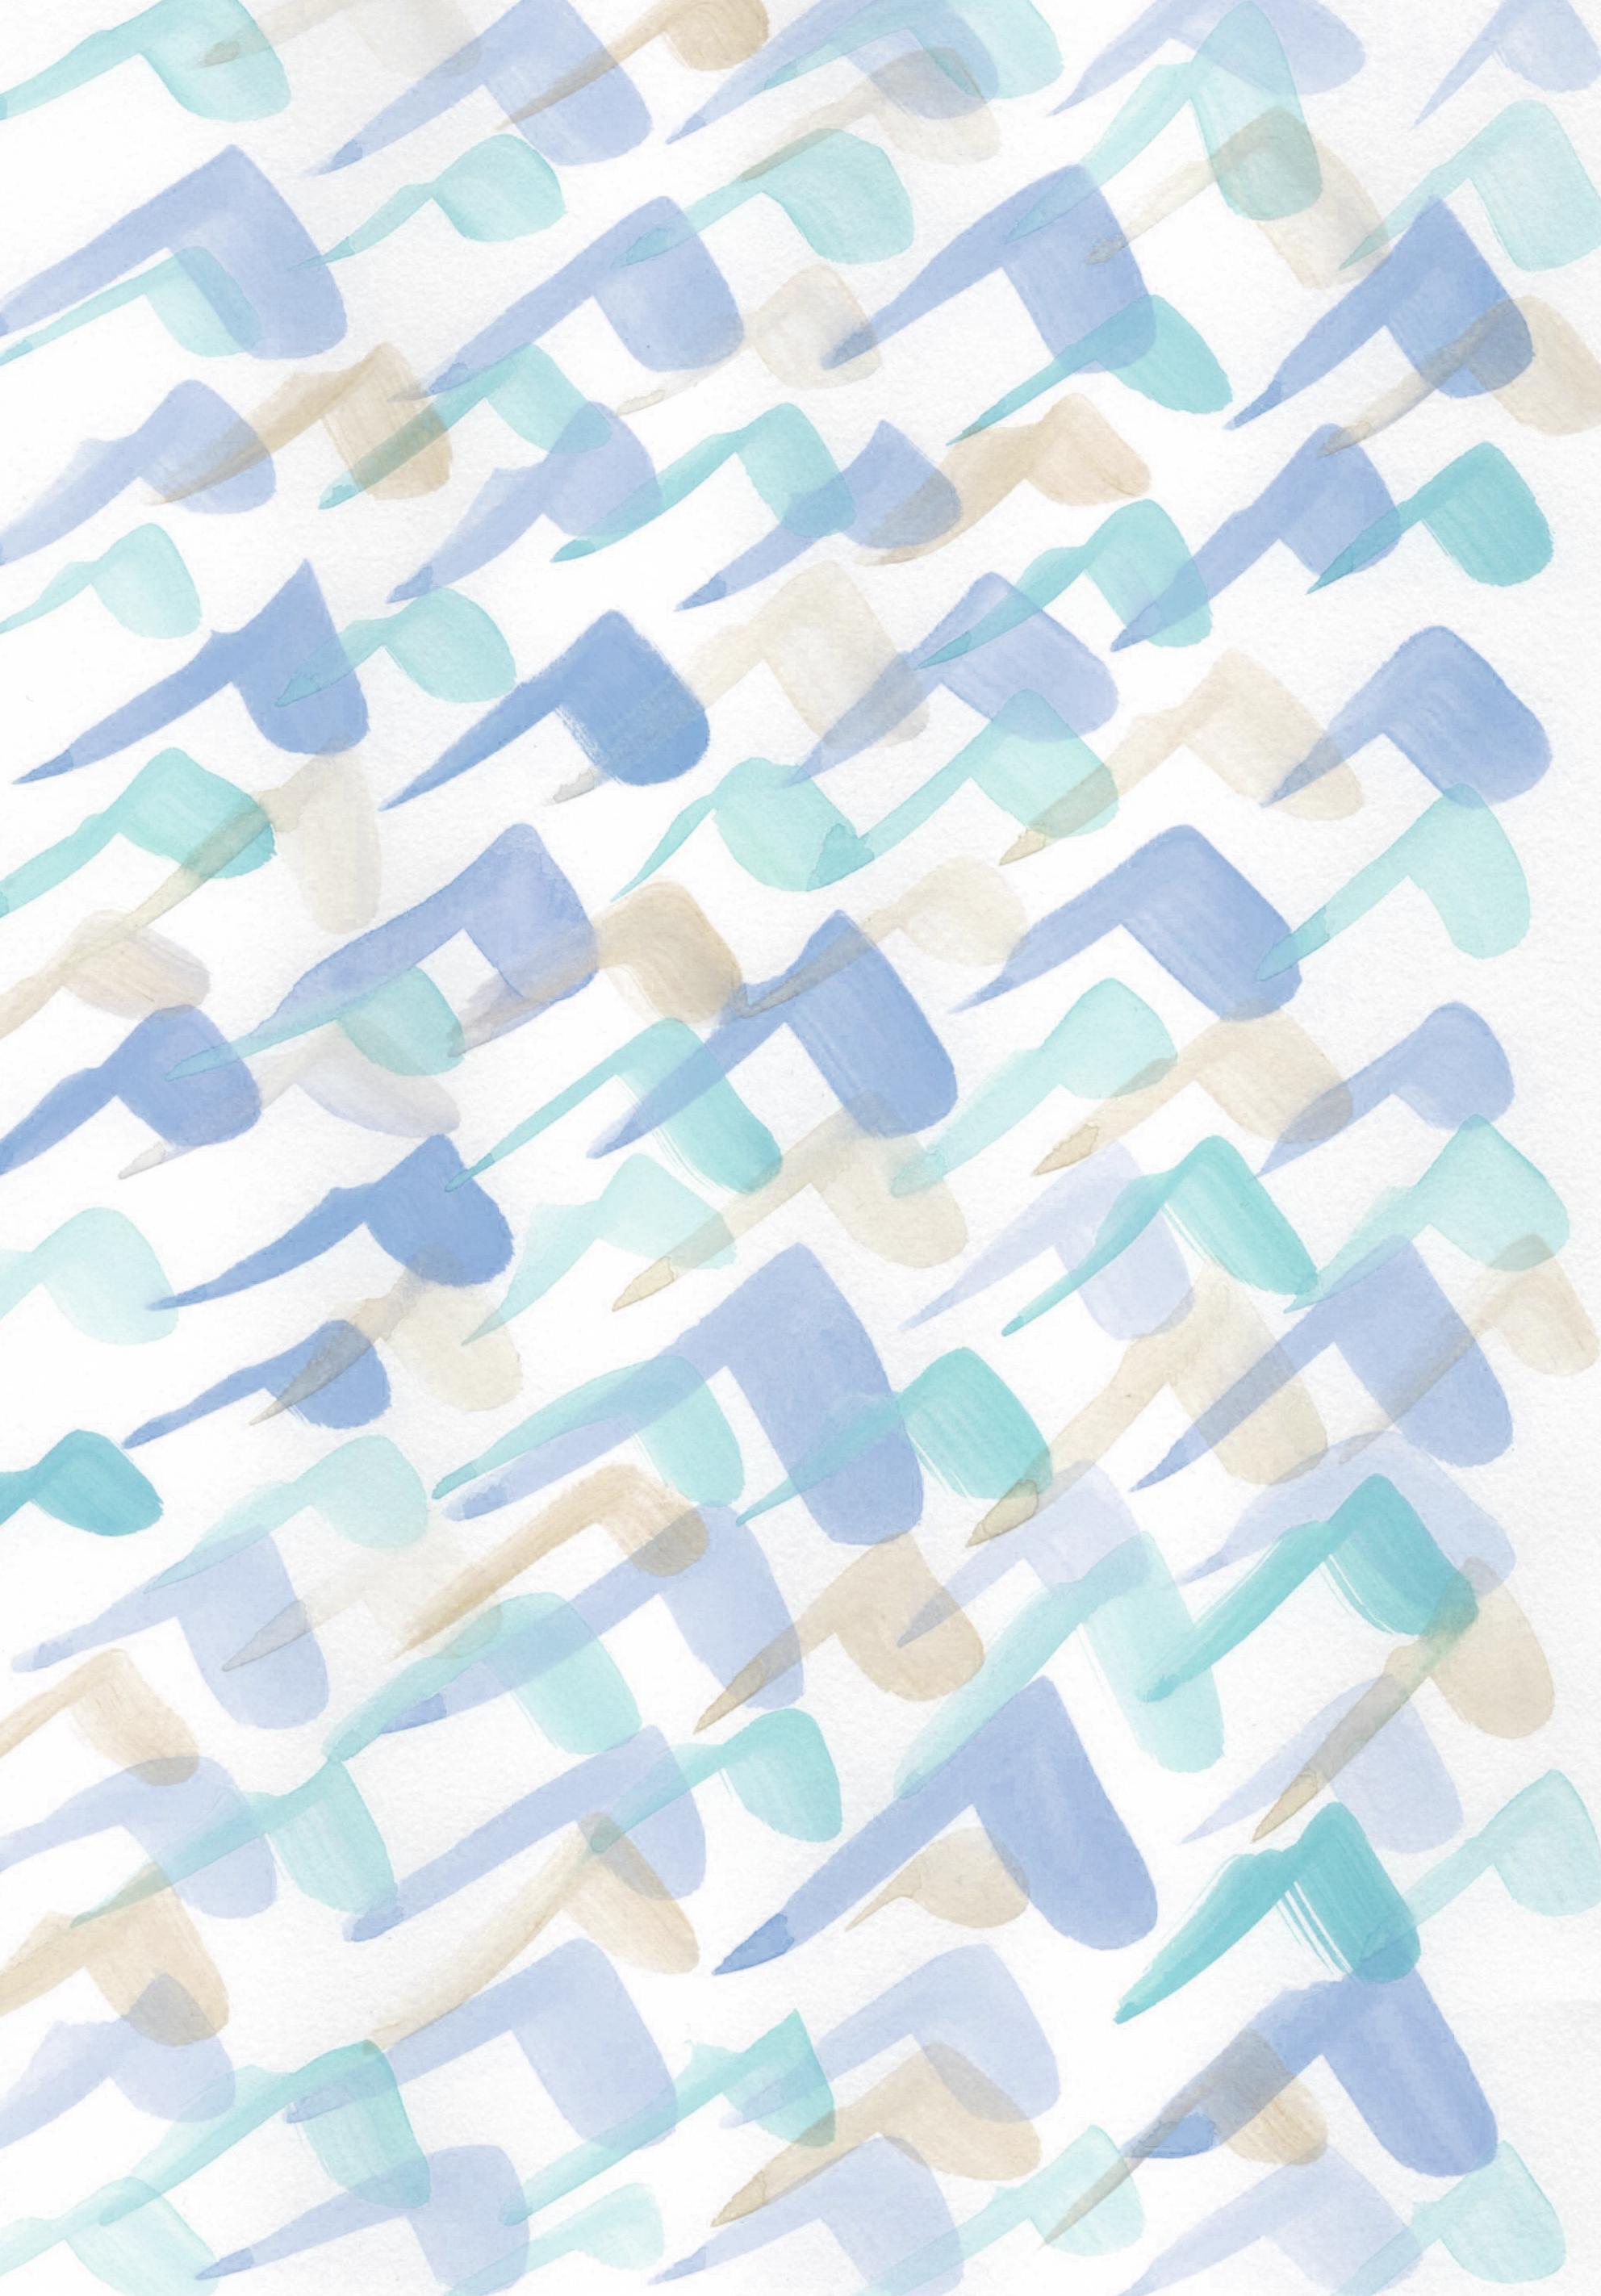 Triangle Patterns Blue.jpeg